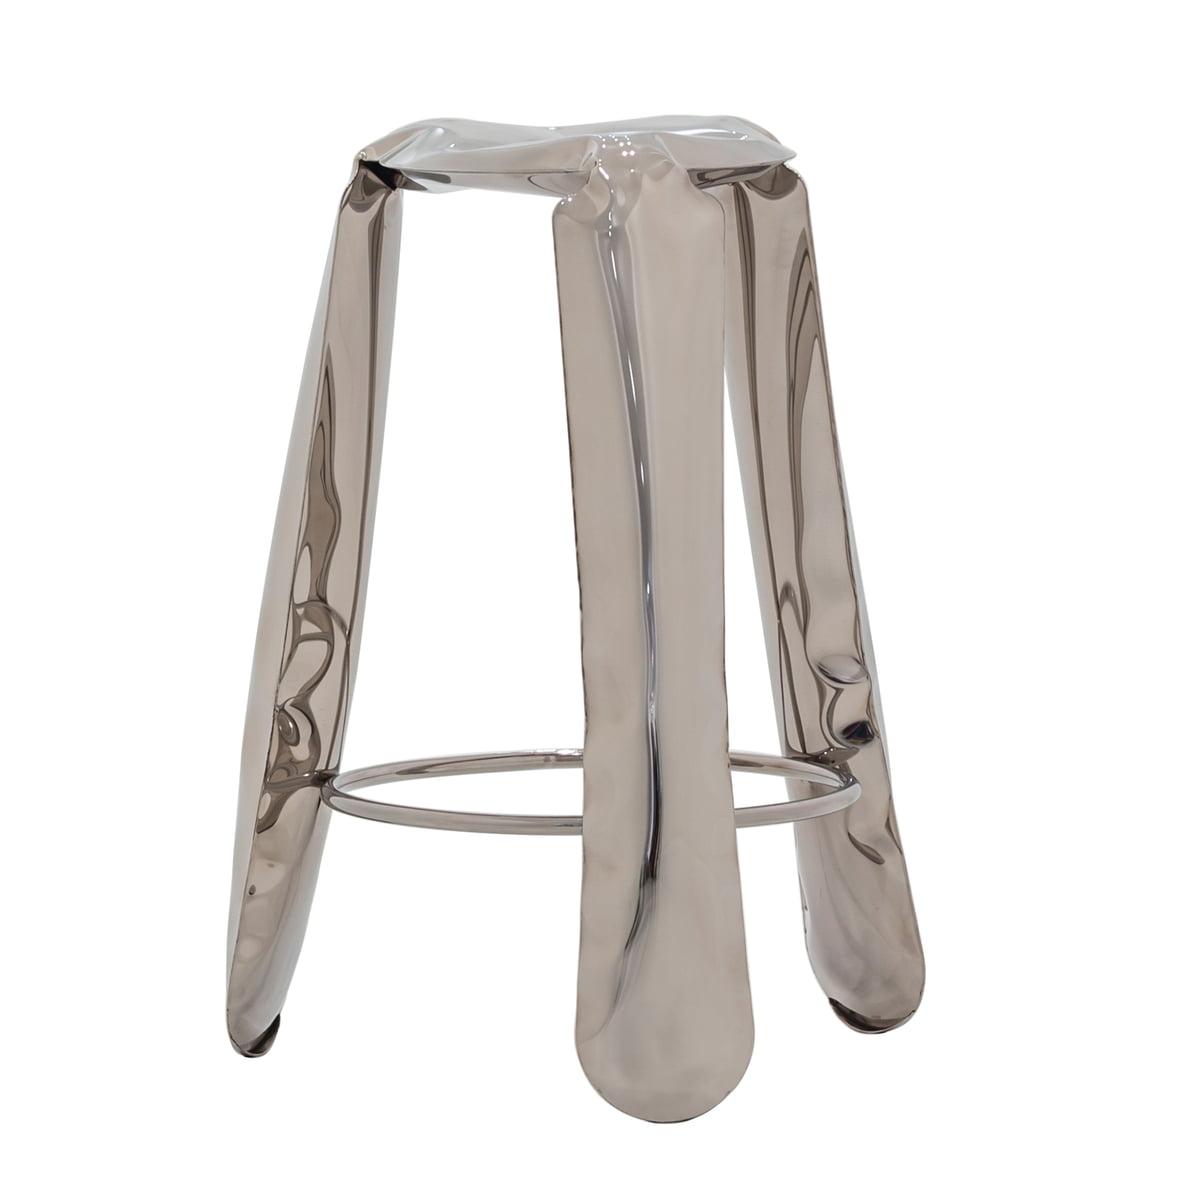 the latest 0a807 f288d Zieta - Plopp bar stool, black